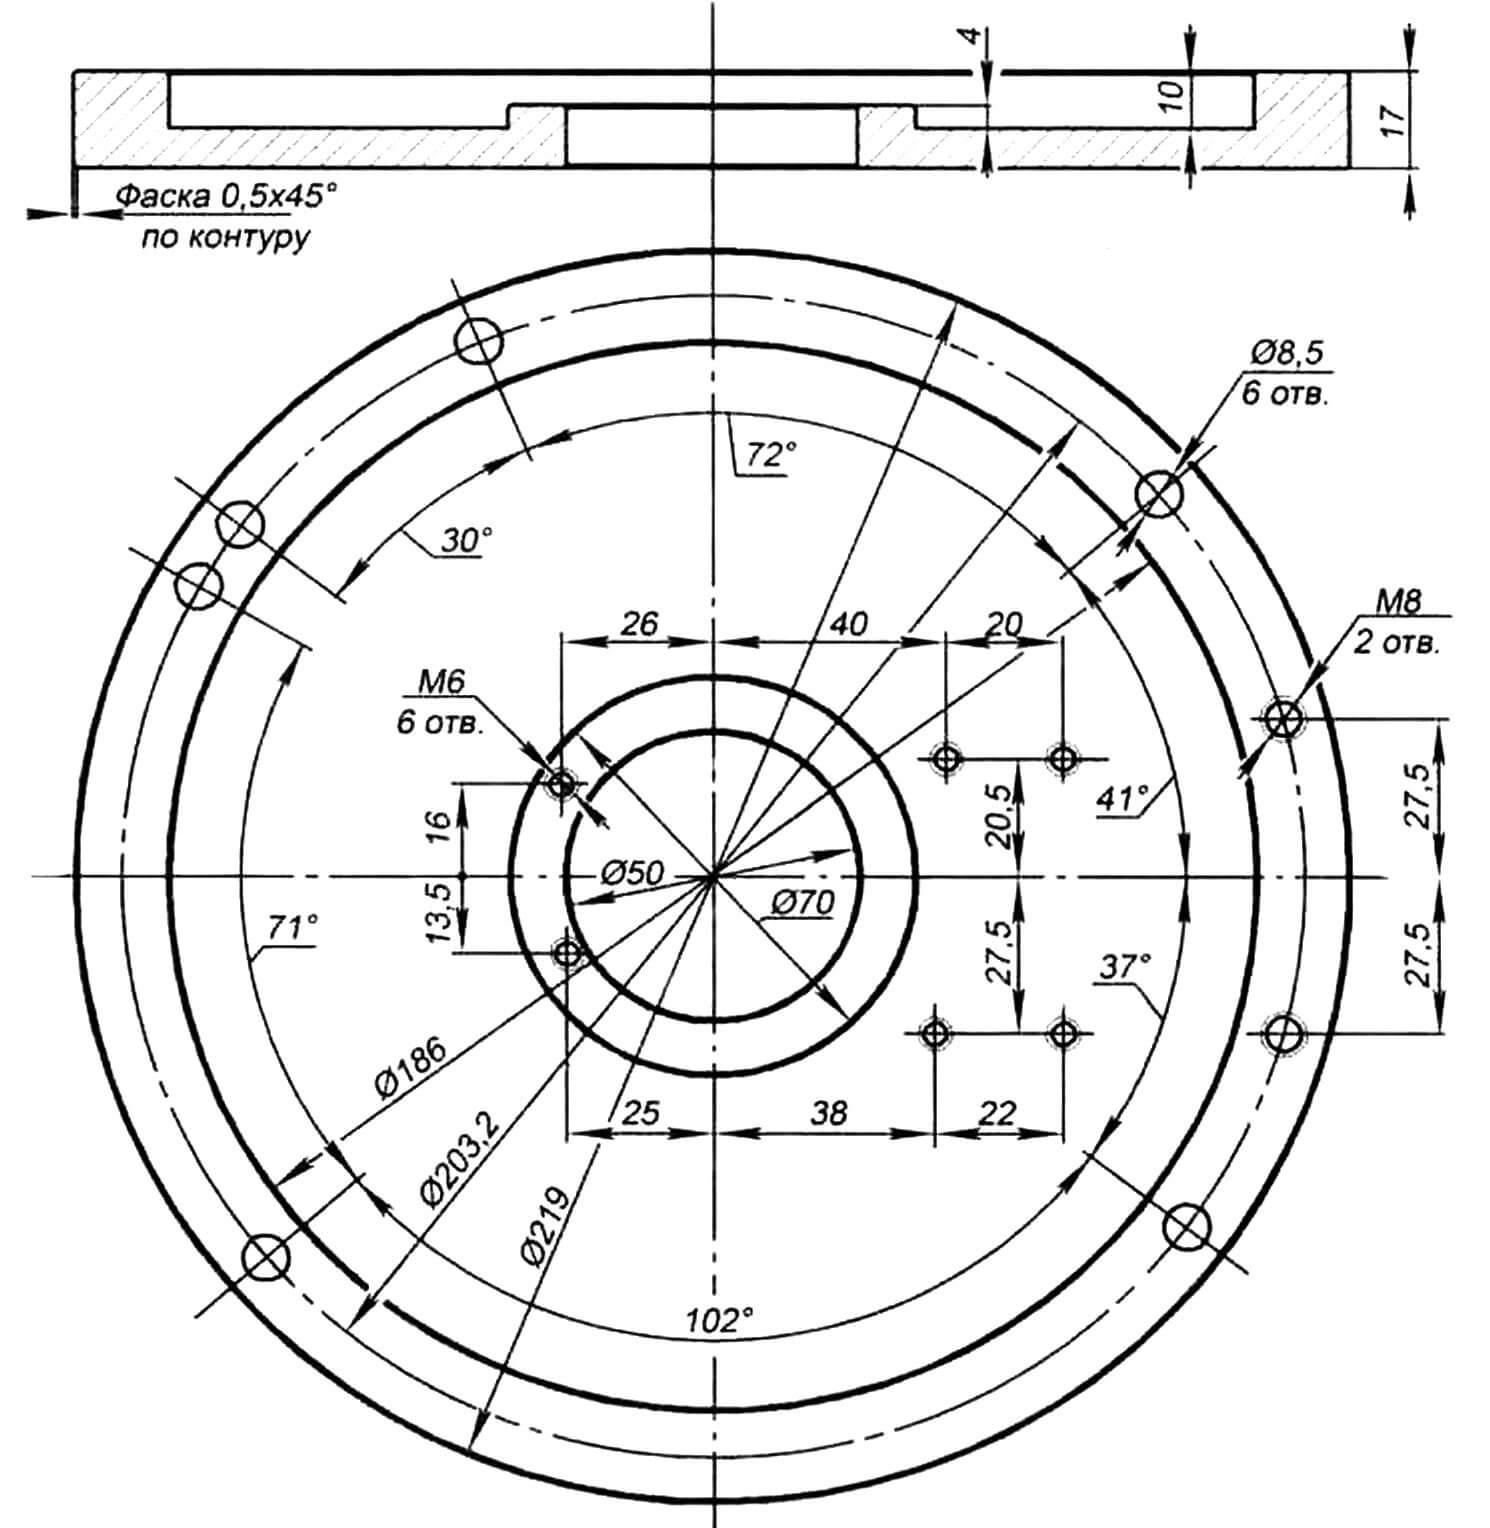 Чертеж переходной плиты лодочного мотора «Нара-4,7»